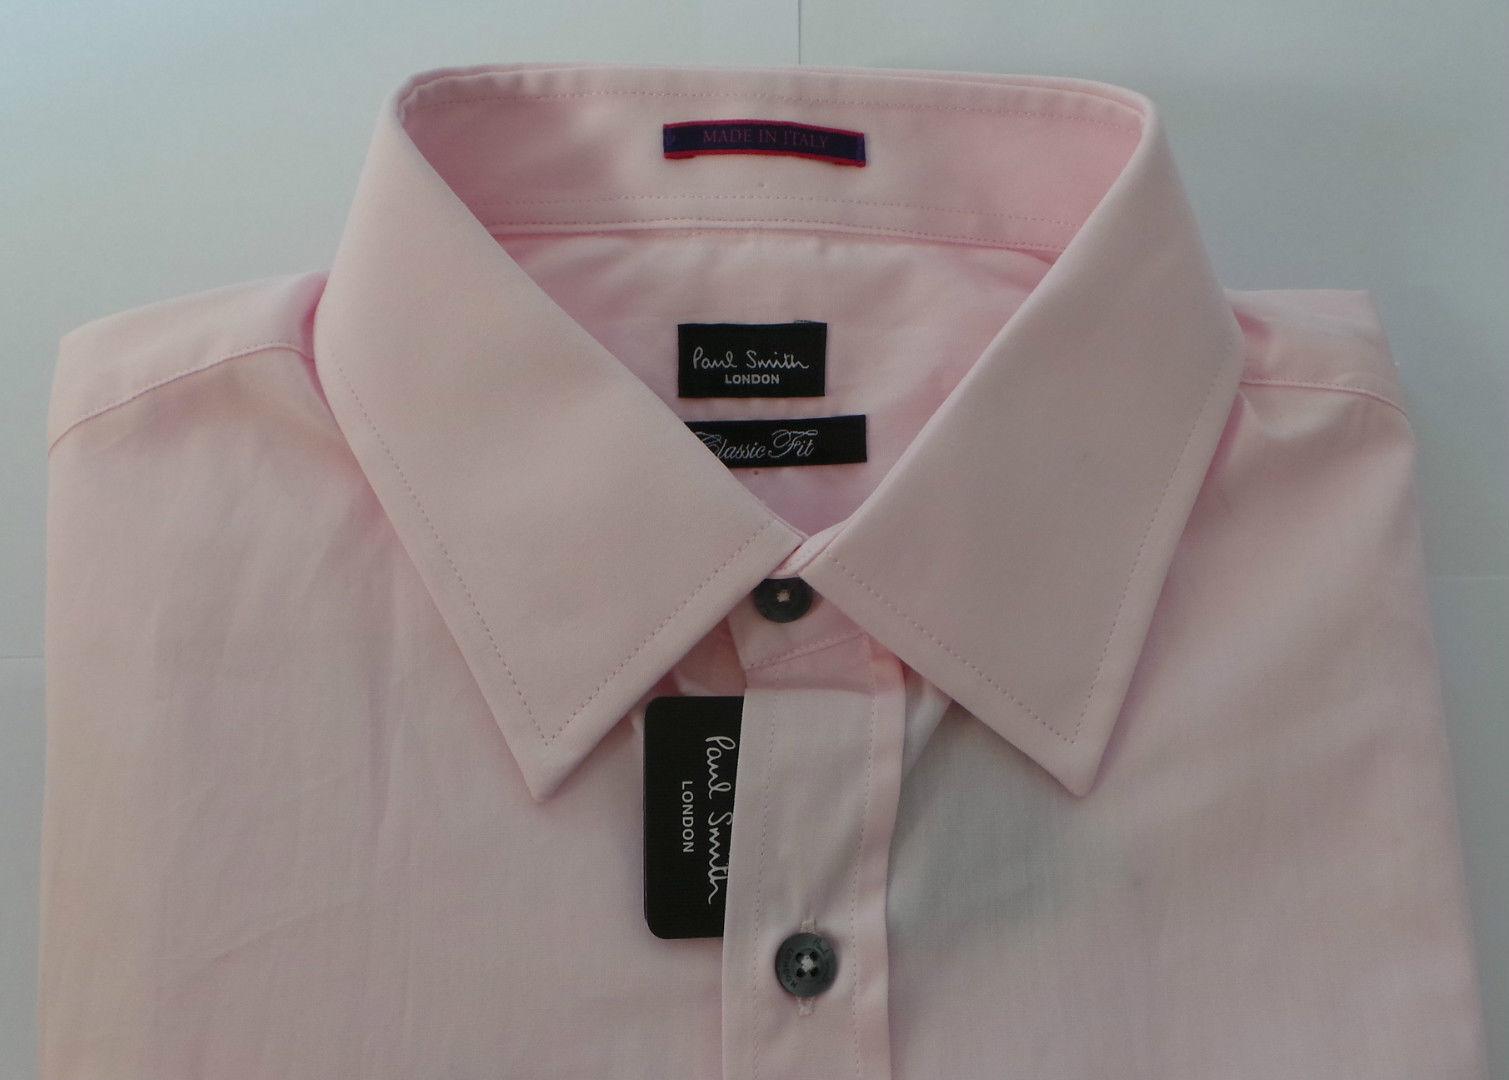 Paul Smith Camicia Camicia Camicia Taglia 15 Medium polsini doppi Multi-a righe rosa 5775a3